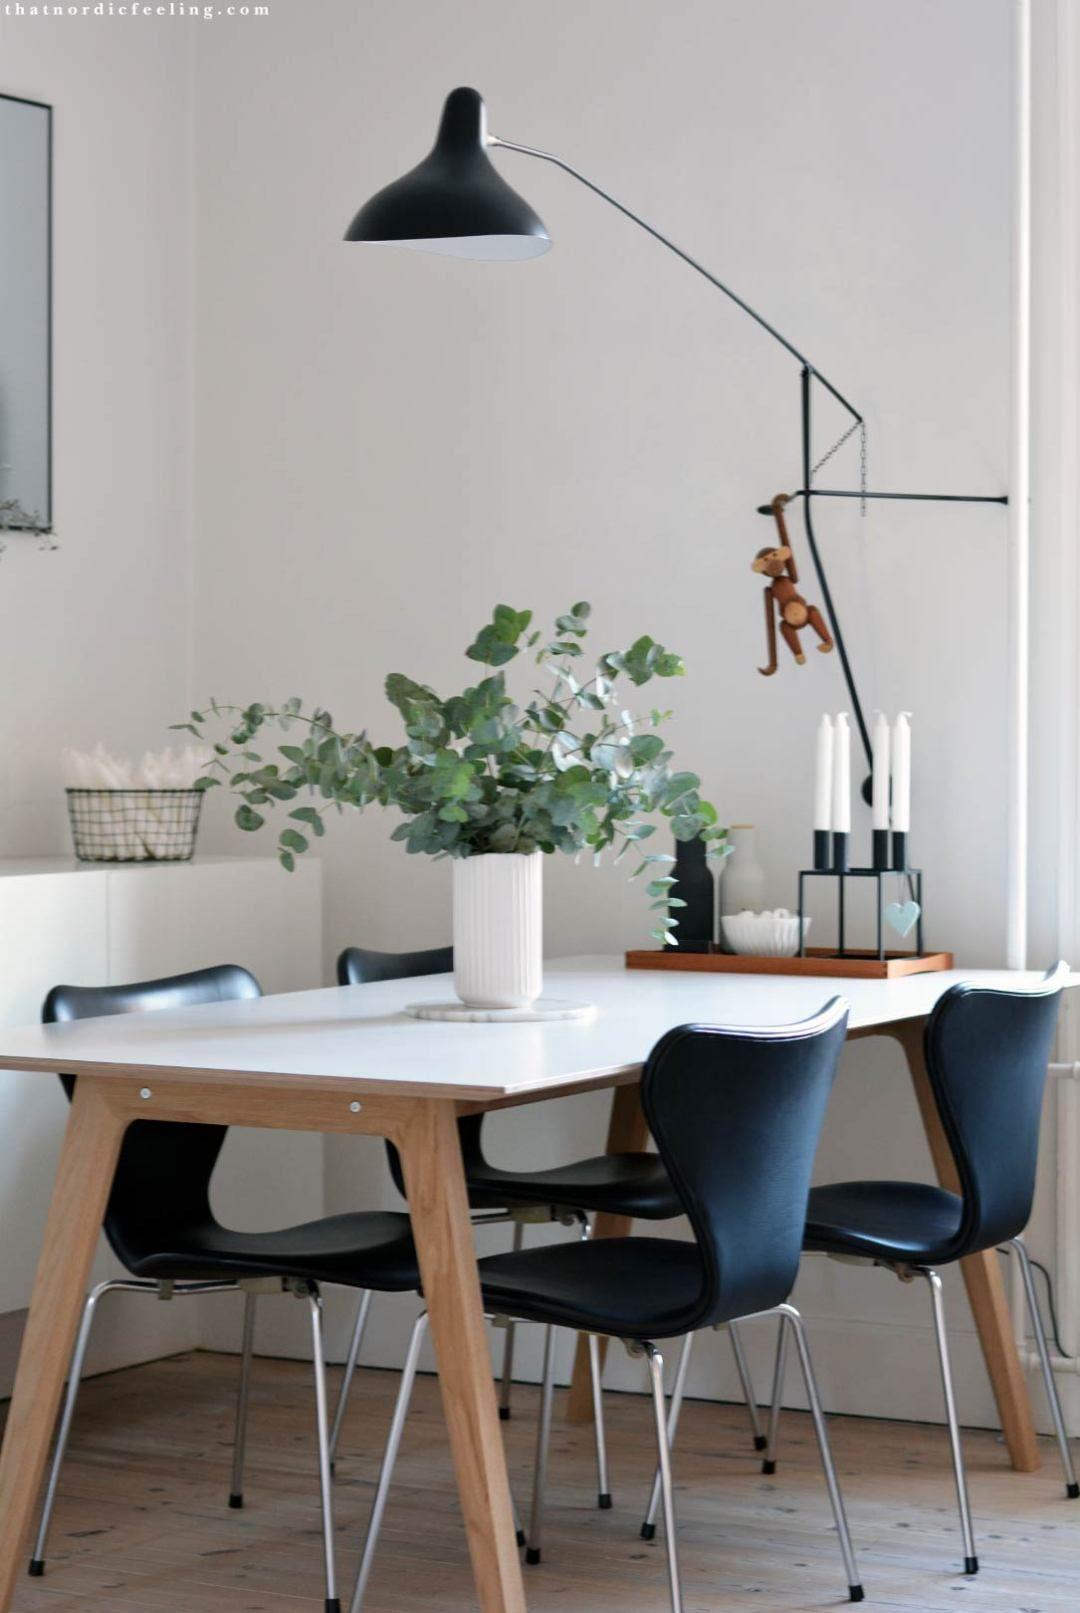 Mantis Bs2 Lamp Via That Nordic Feeling Zuhause Wohnen Wohnzimmer